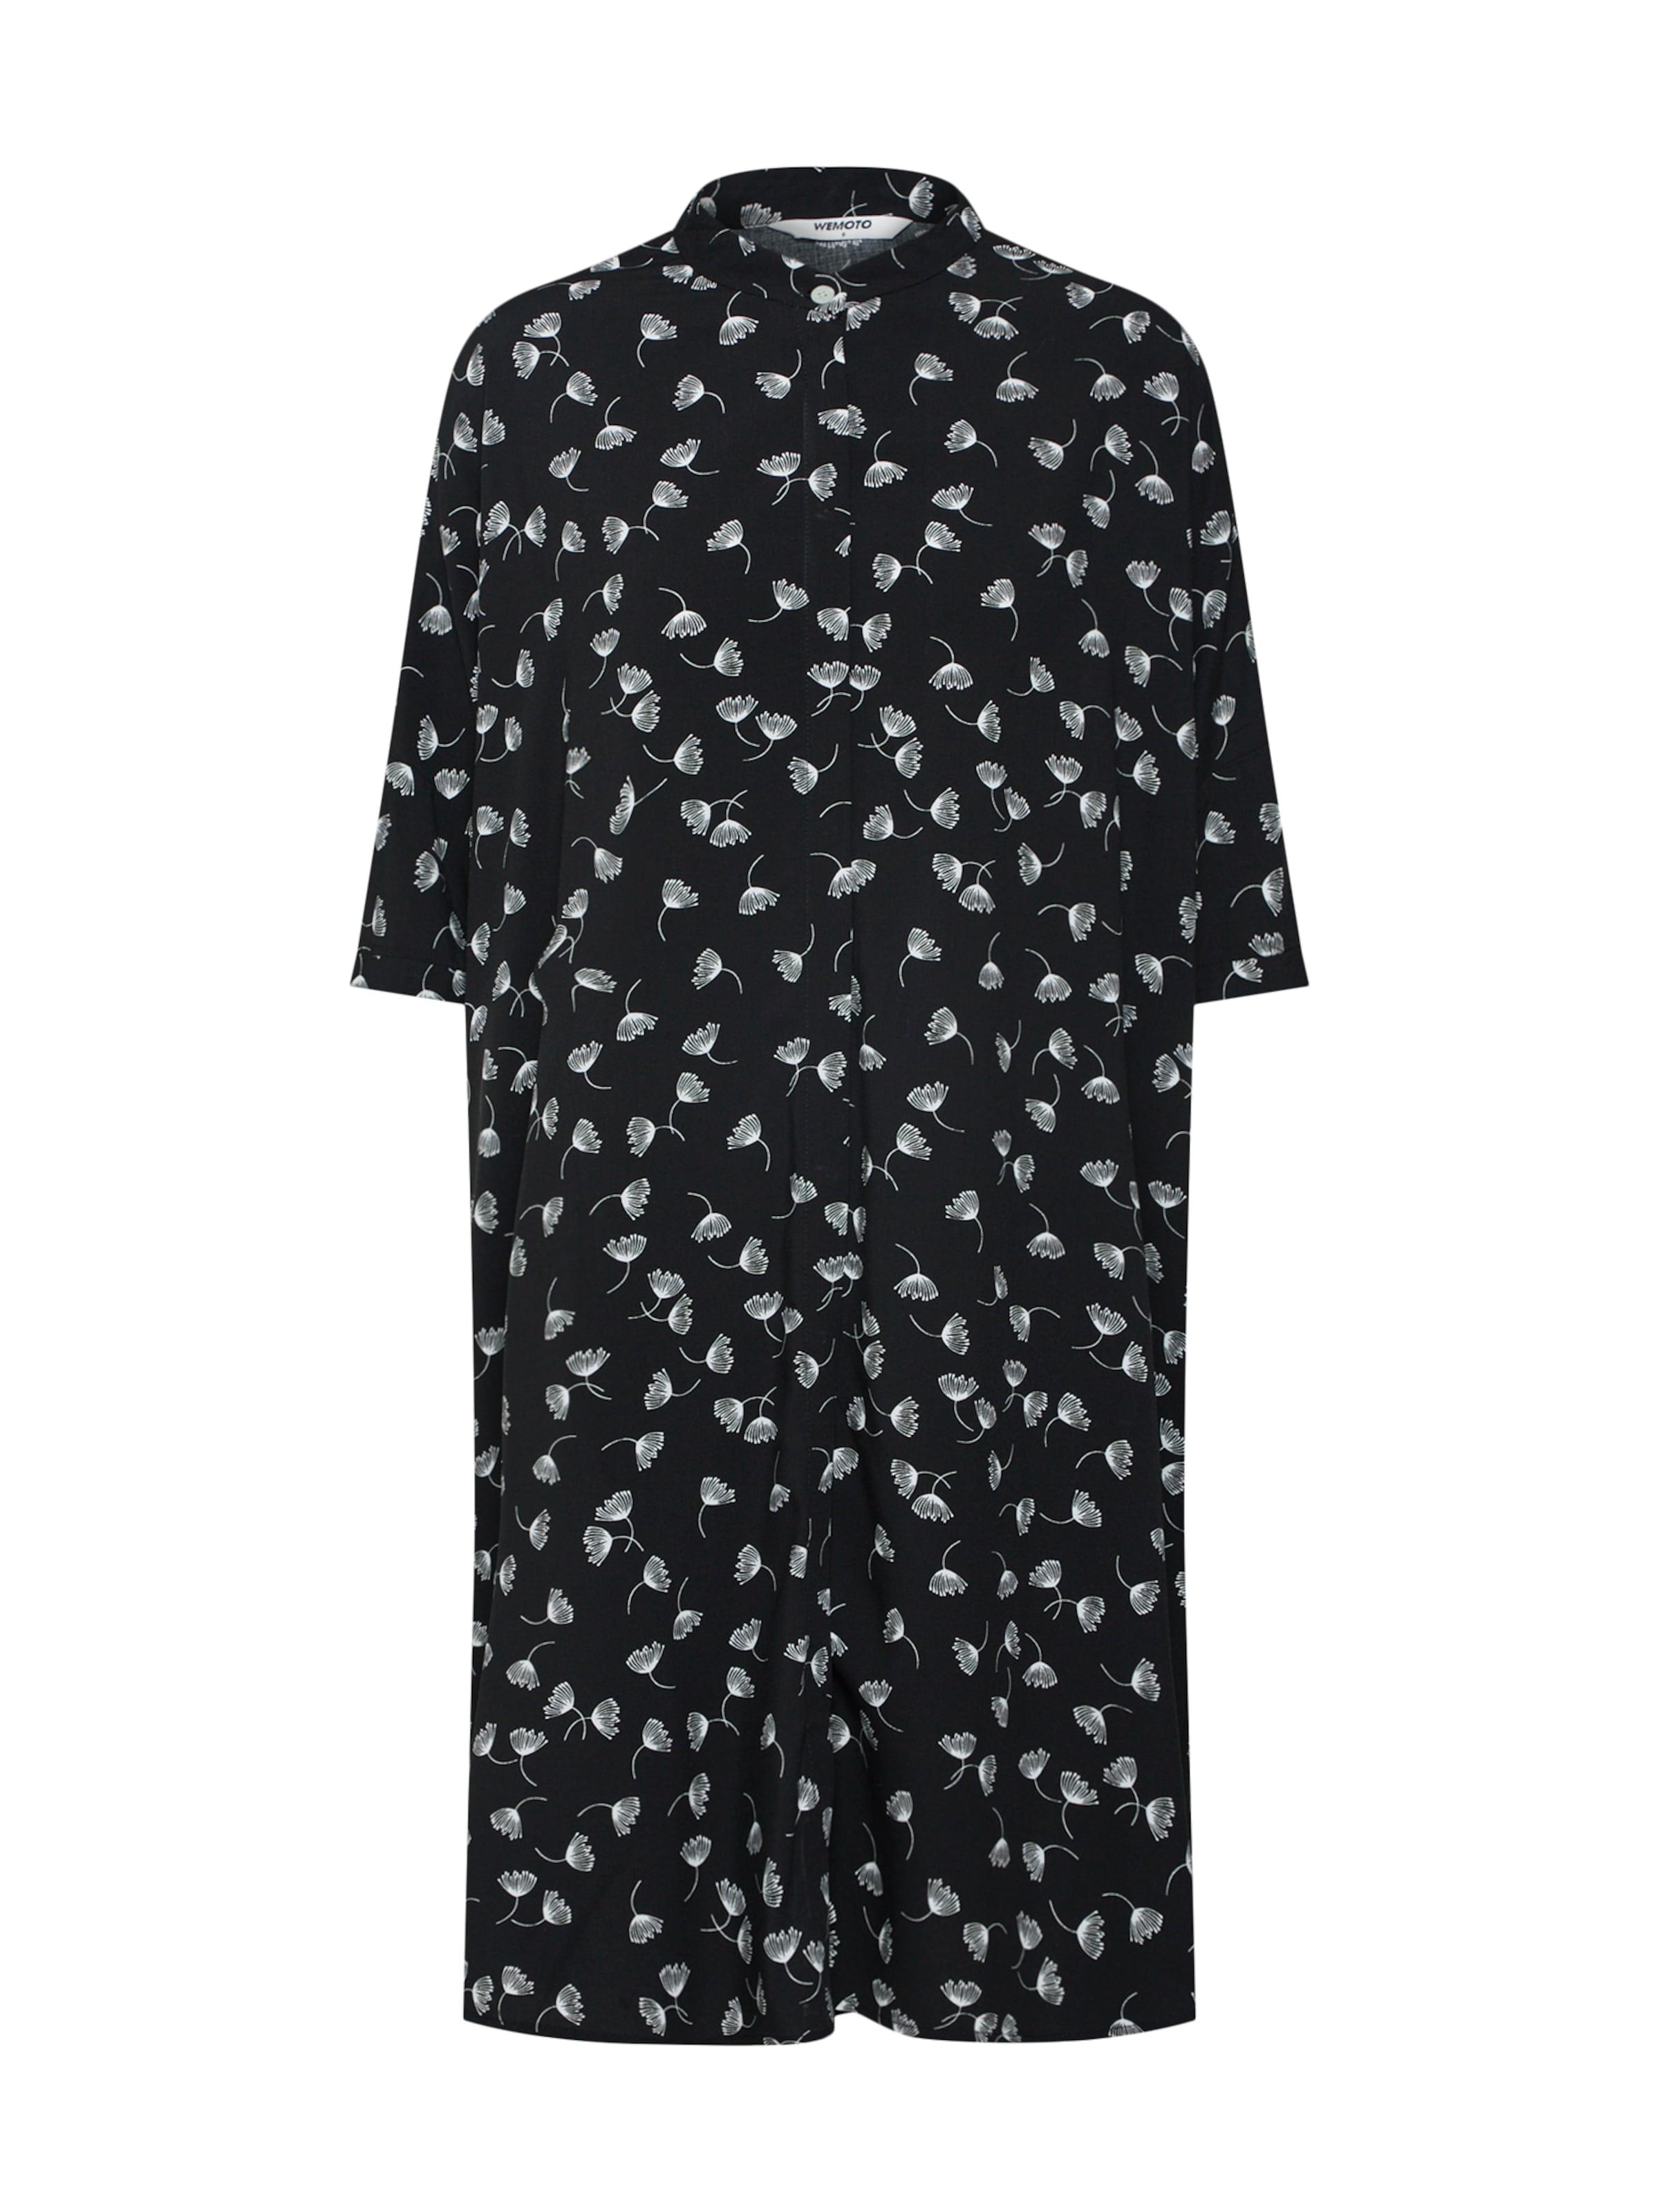 Wemoto Printed' SchwarzWeiß Kleid In 'hume fvIgbyY76m